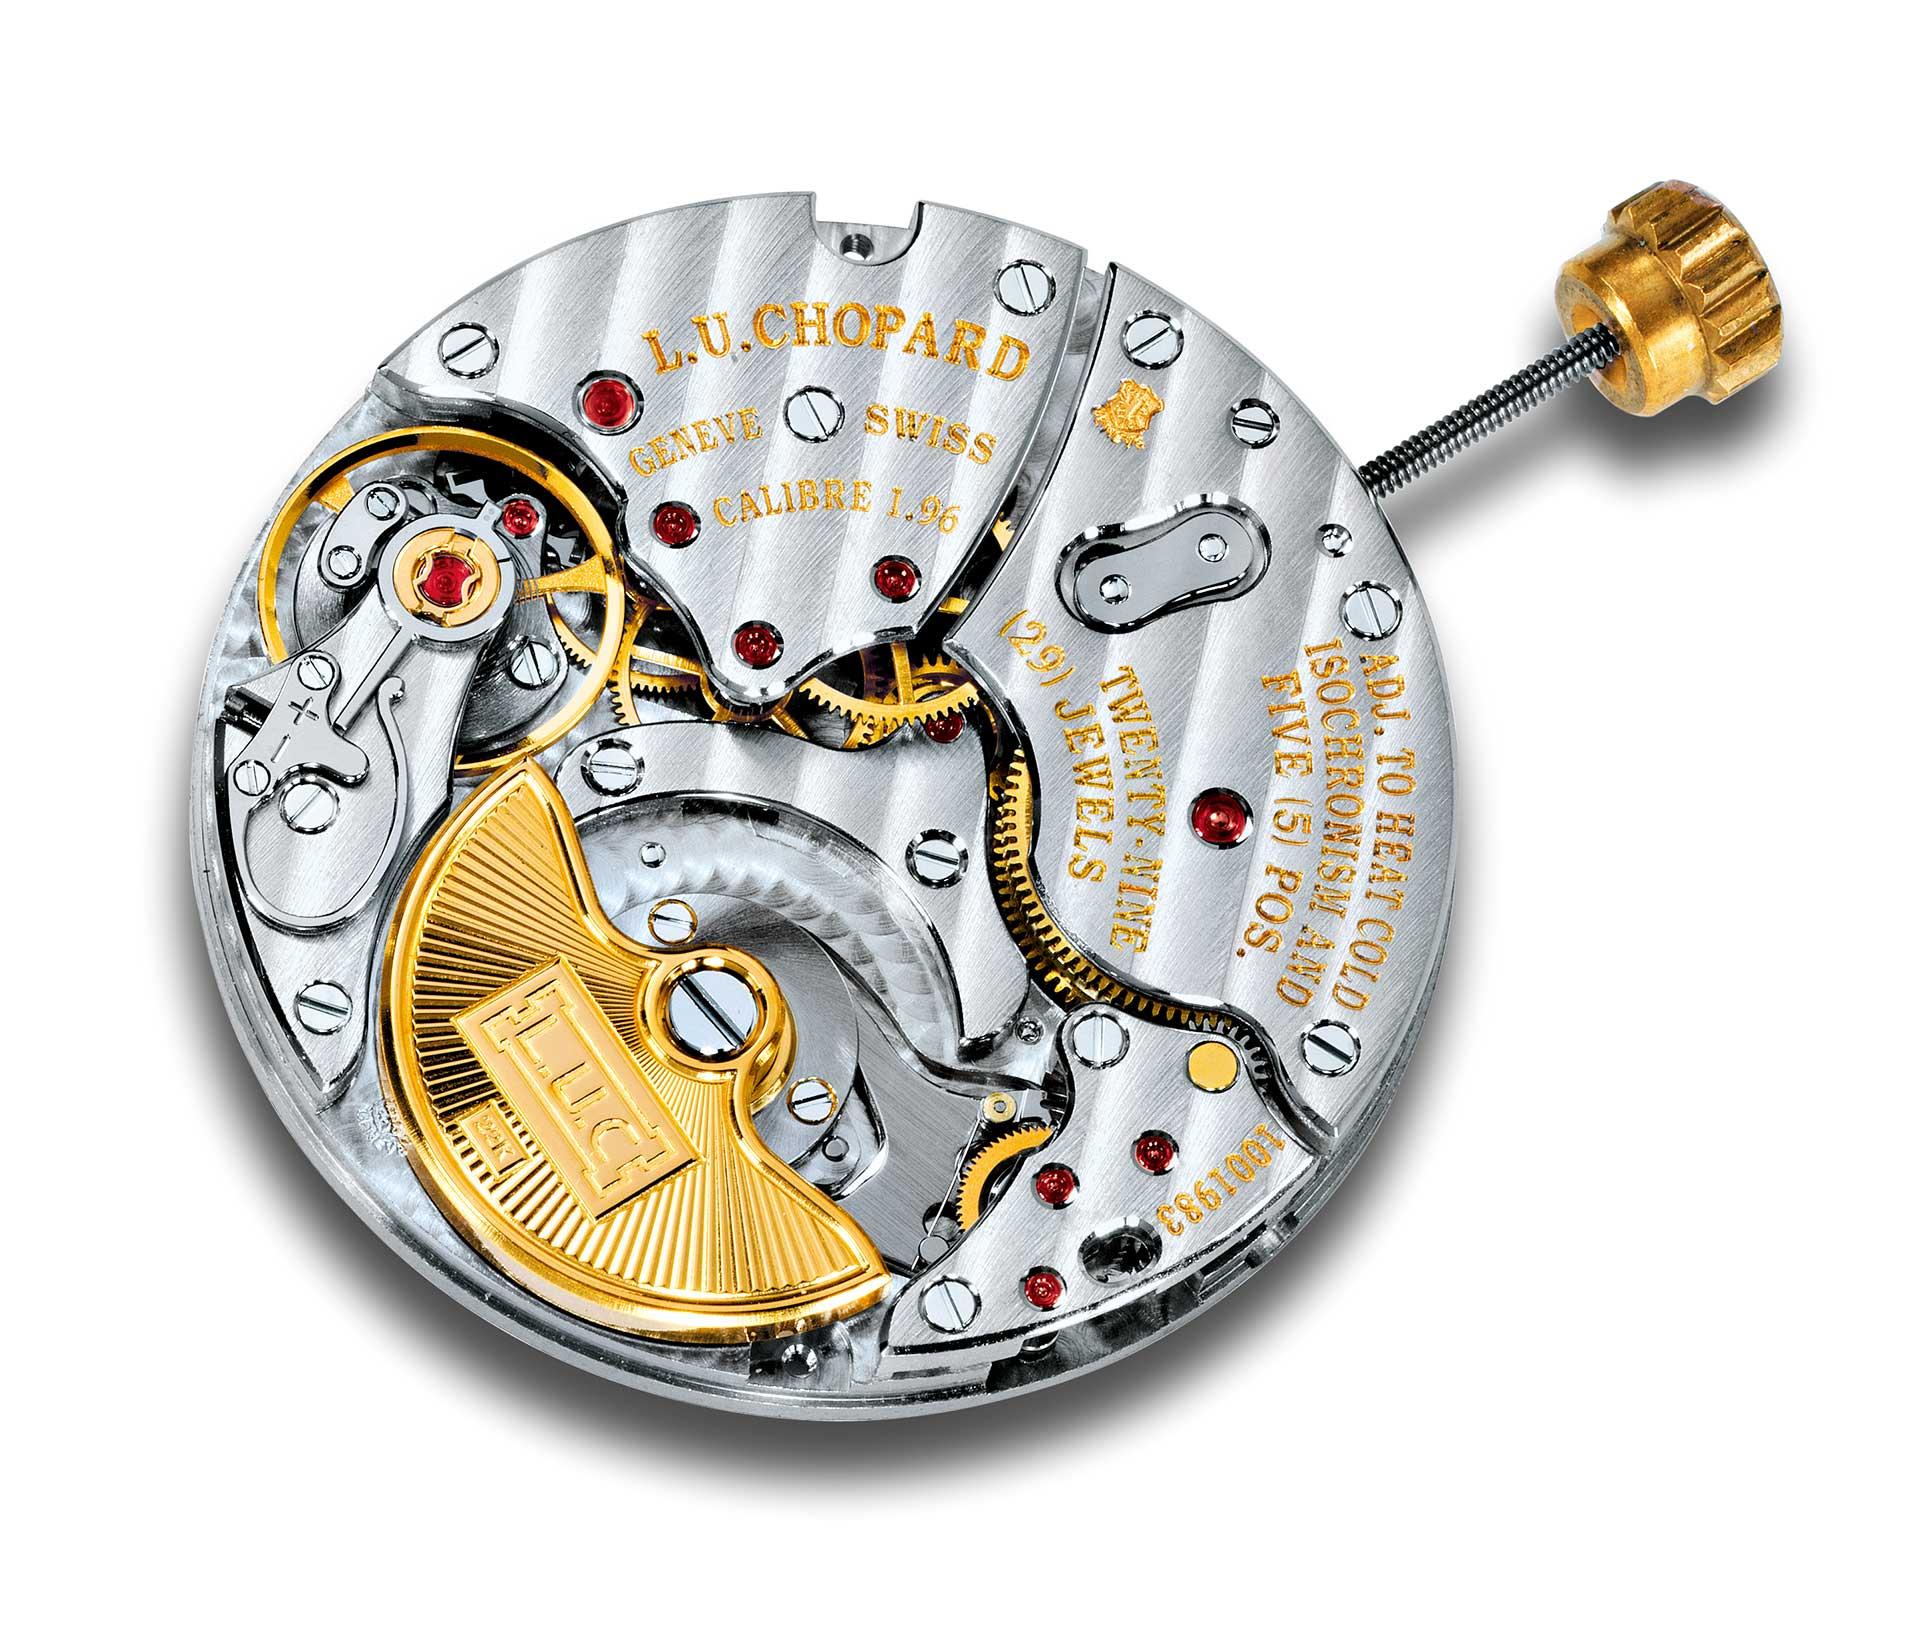 Ein ins Werk versenkter Mikrorotor wie im Chopard Manufakturkaliber 1.96 erlaubt eine flachere Bauweise. Um sein Gewicht zu erhöhen, ist er aus massivem Gold gefertigt.